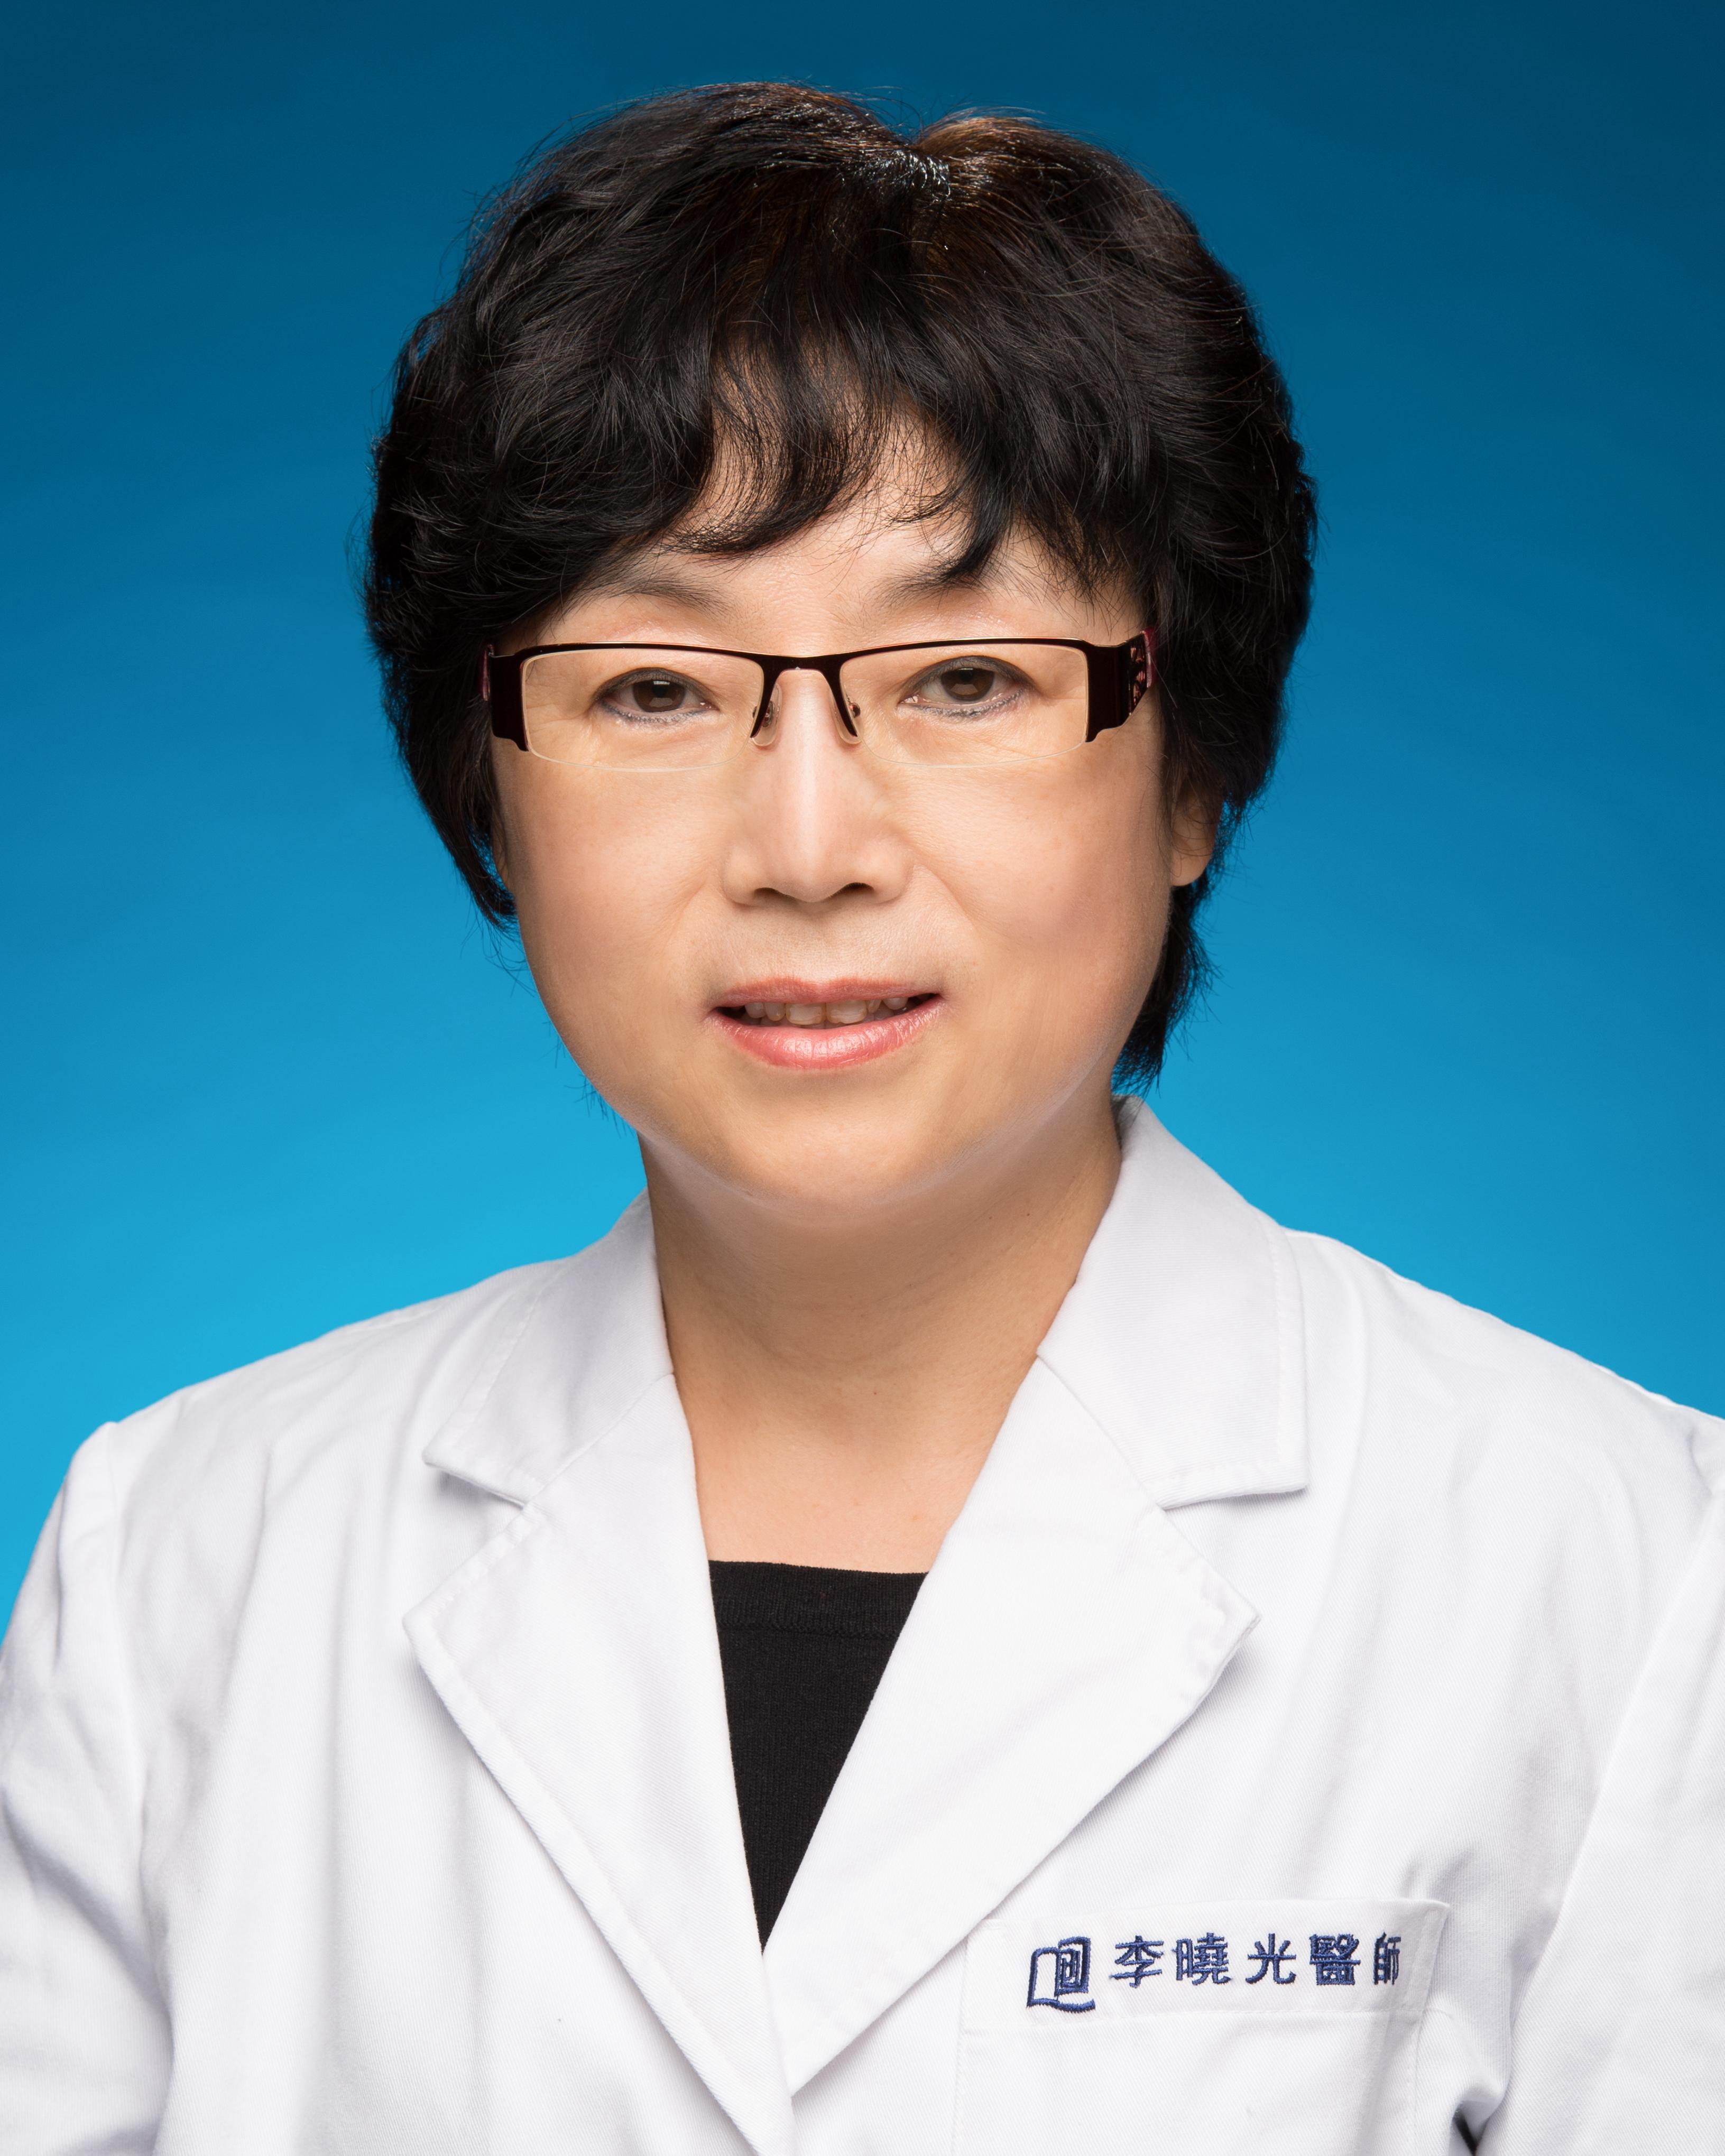 Li Xiaoguang